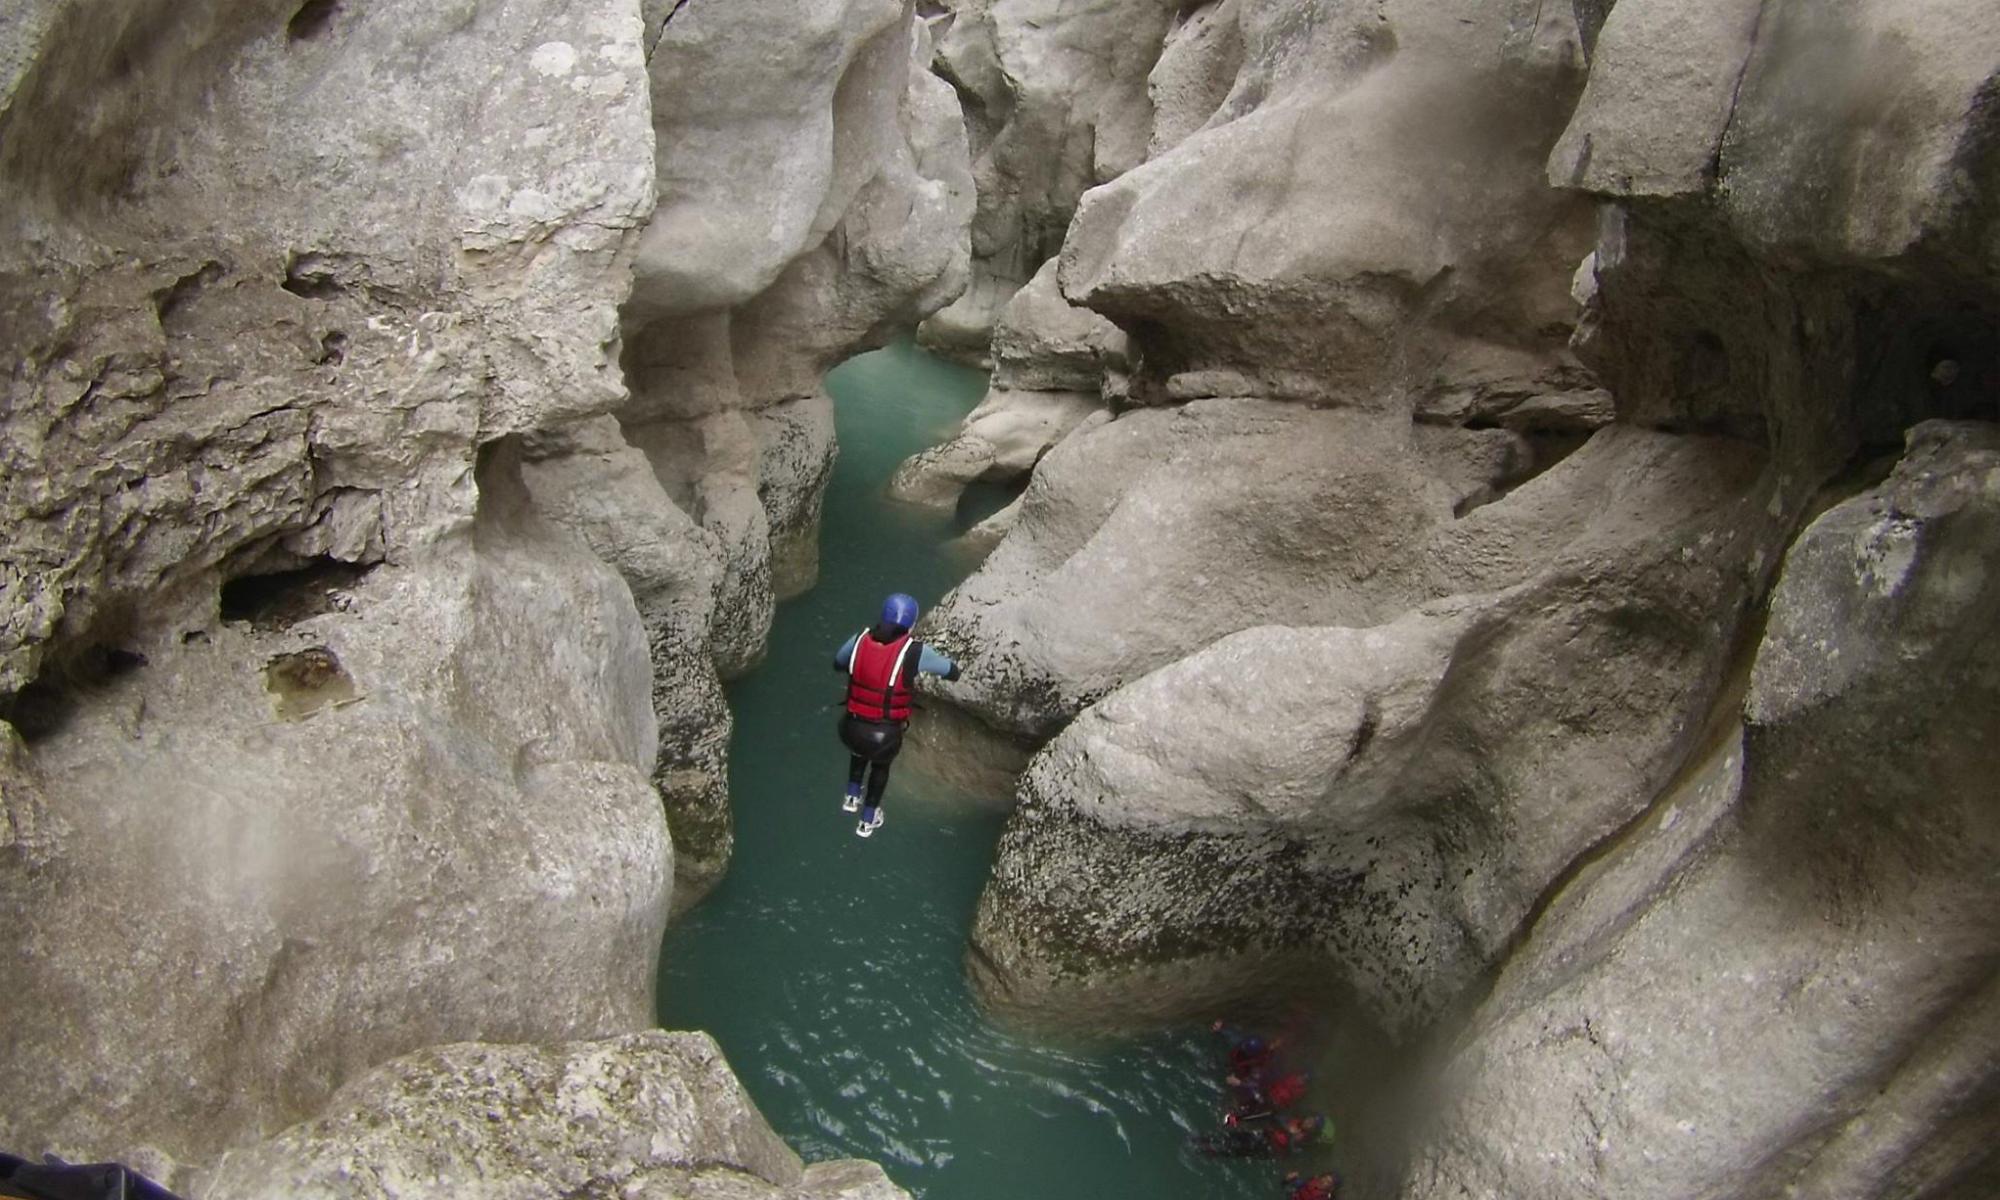 Un canyoniste effectue un saut dans le Styx lors d'un parcours de canyoning dans le Verdon.